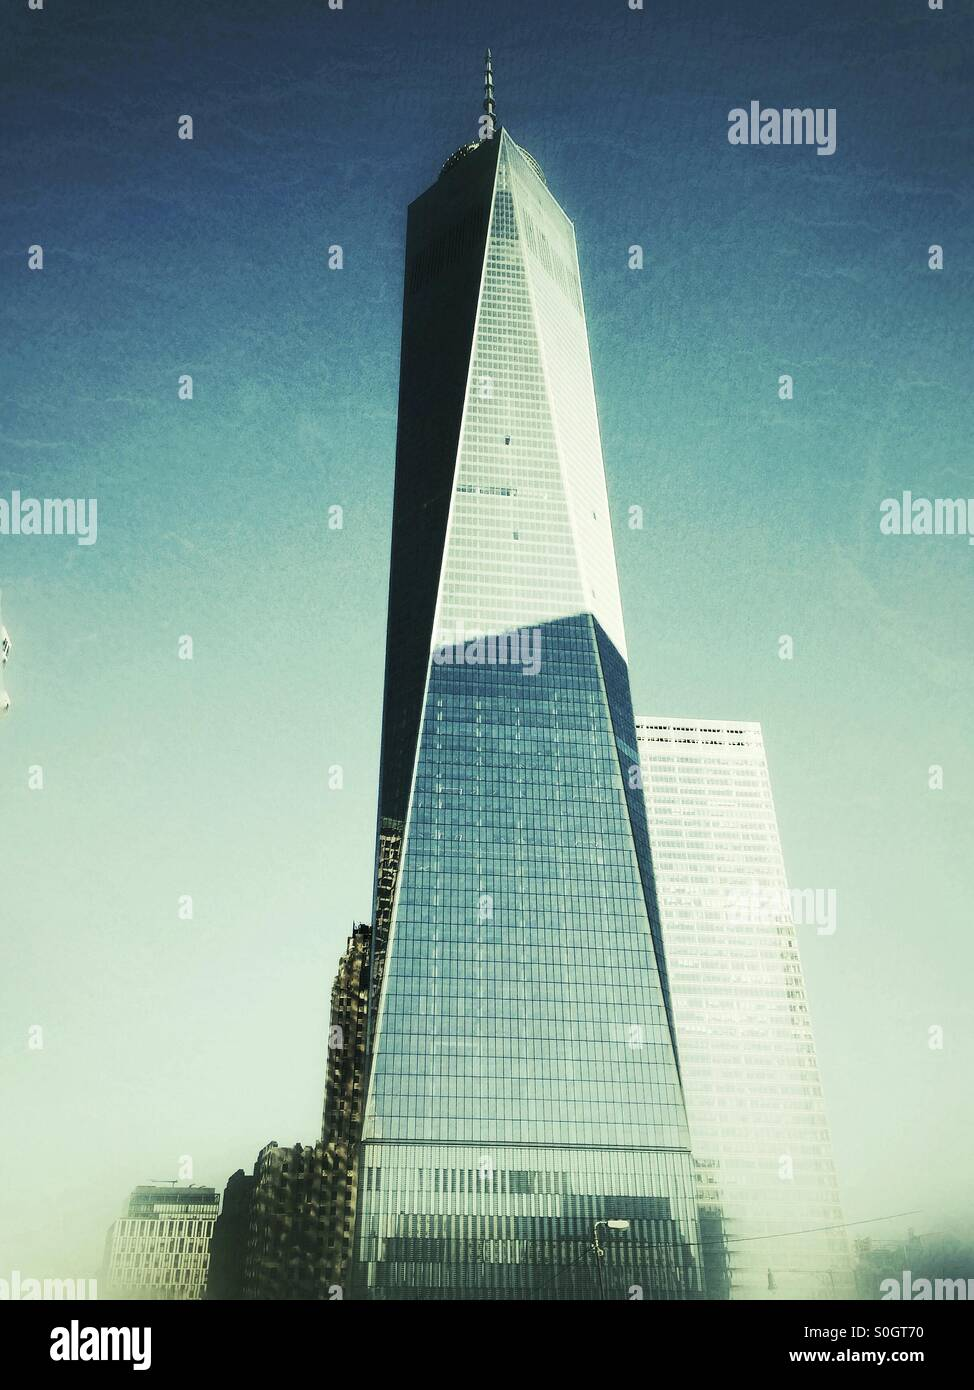 Low angle view of la Tour de la liberté dans un ciel bleu. New York, États-Unis d'Amérique. Photo Stock